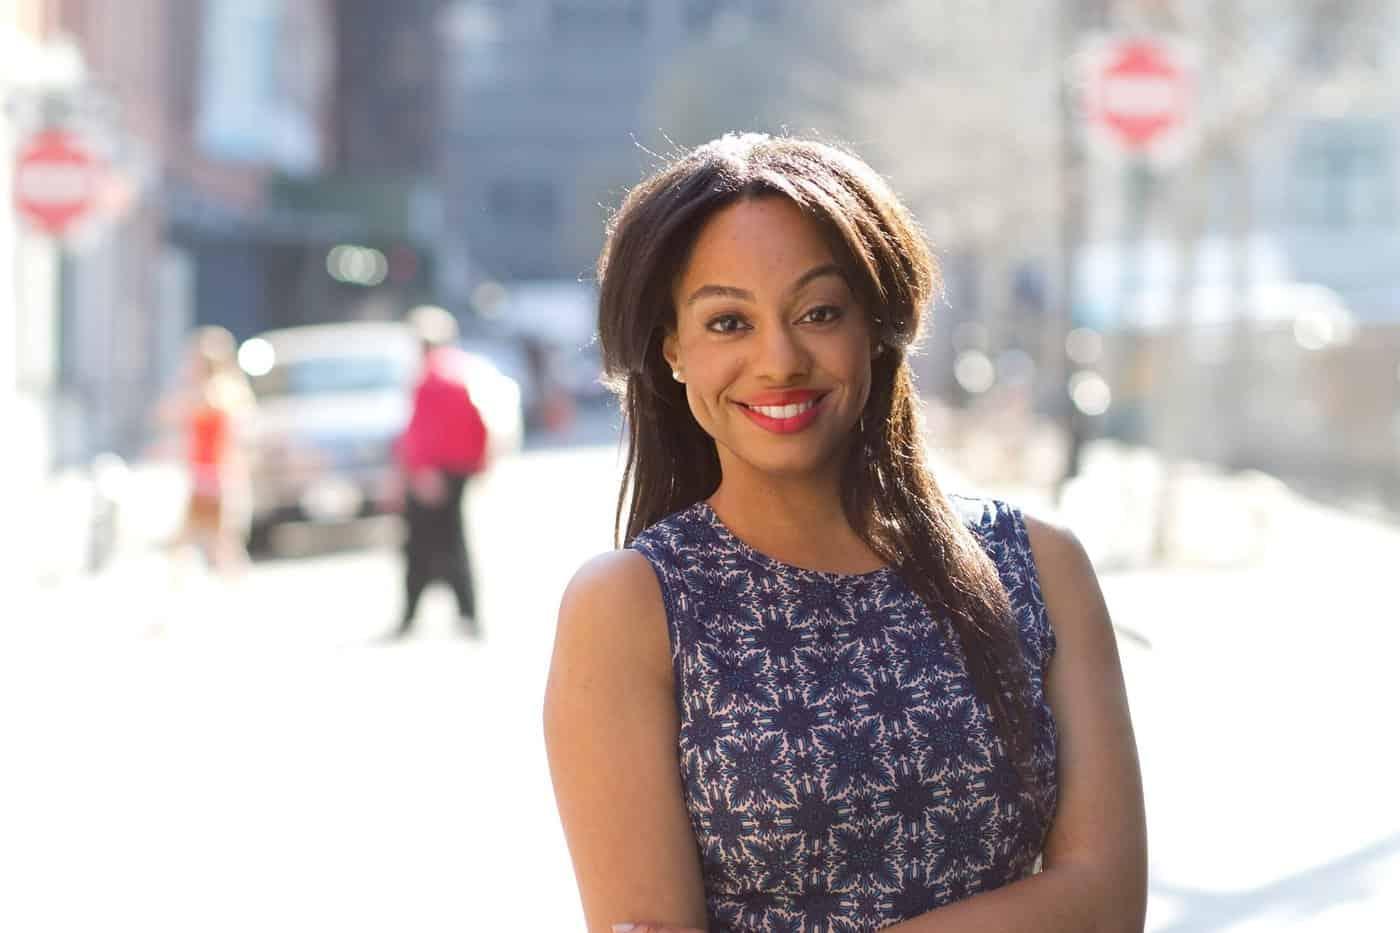 Alicia White, CEO of Project Petals